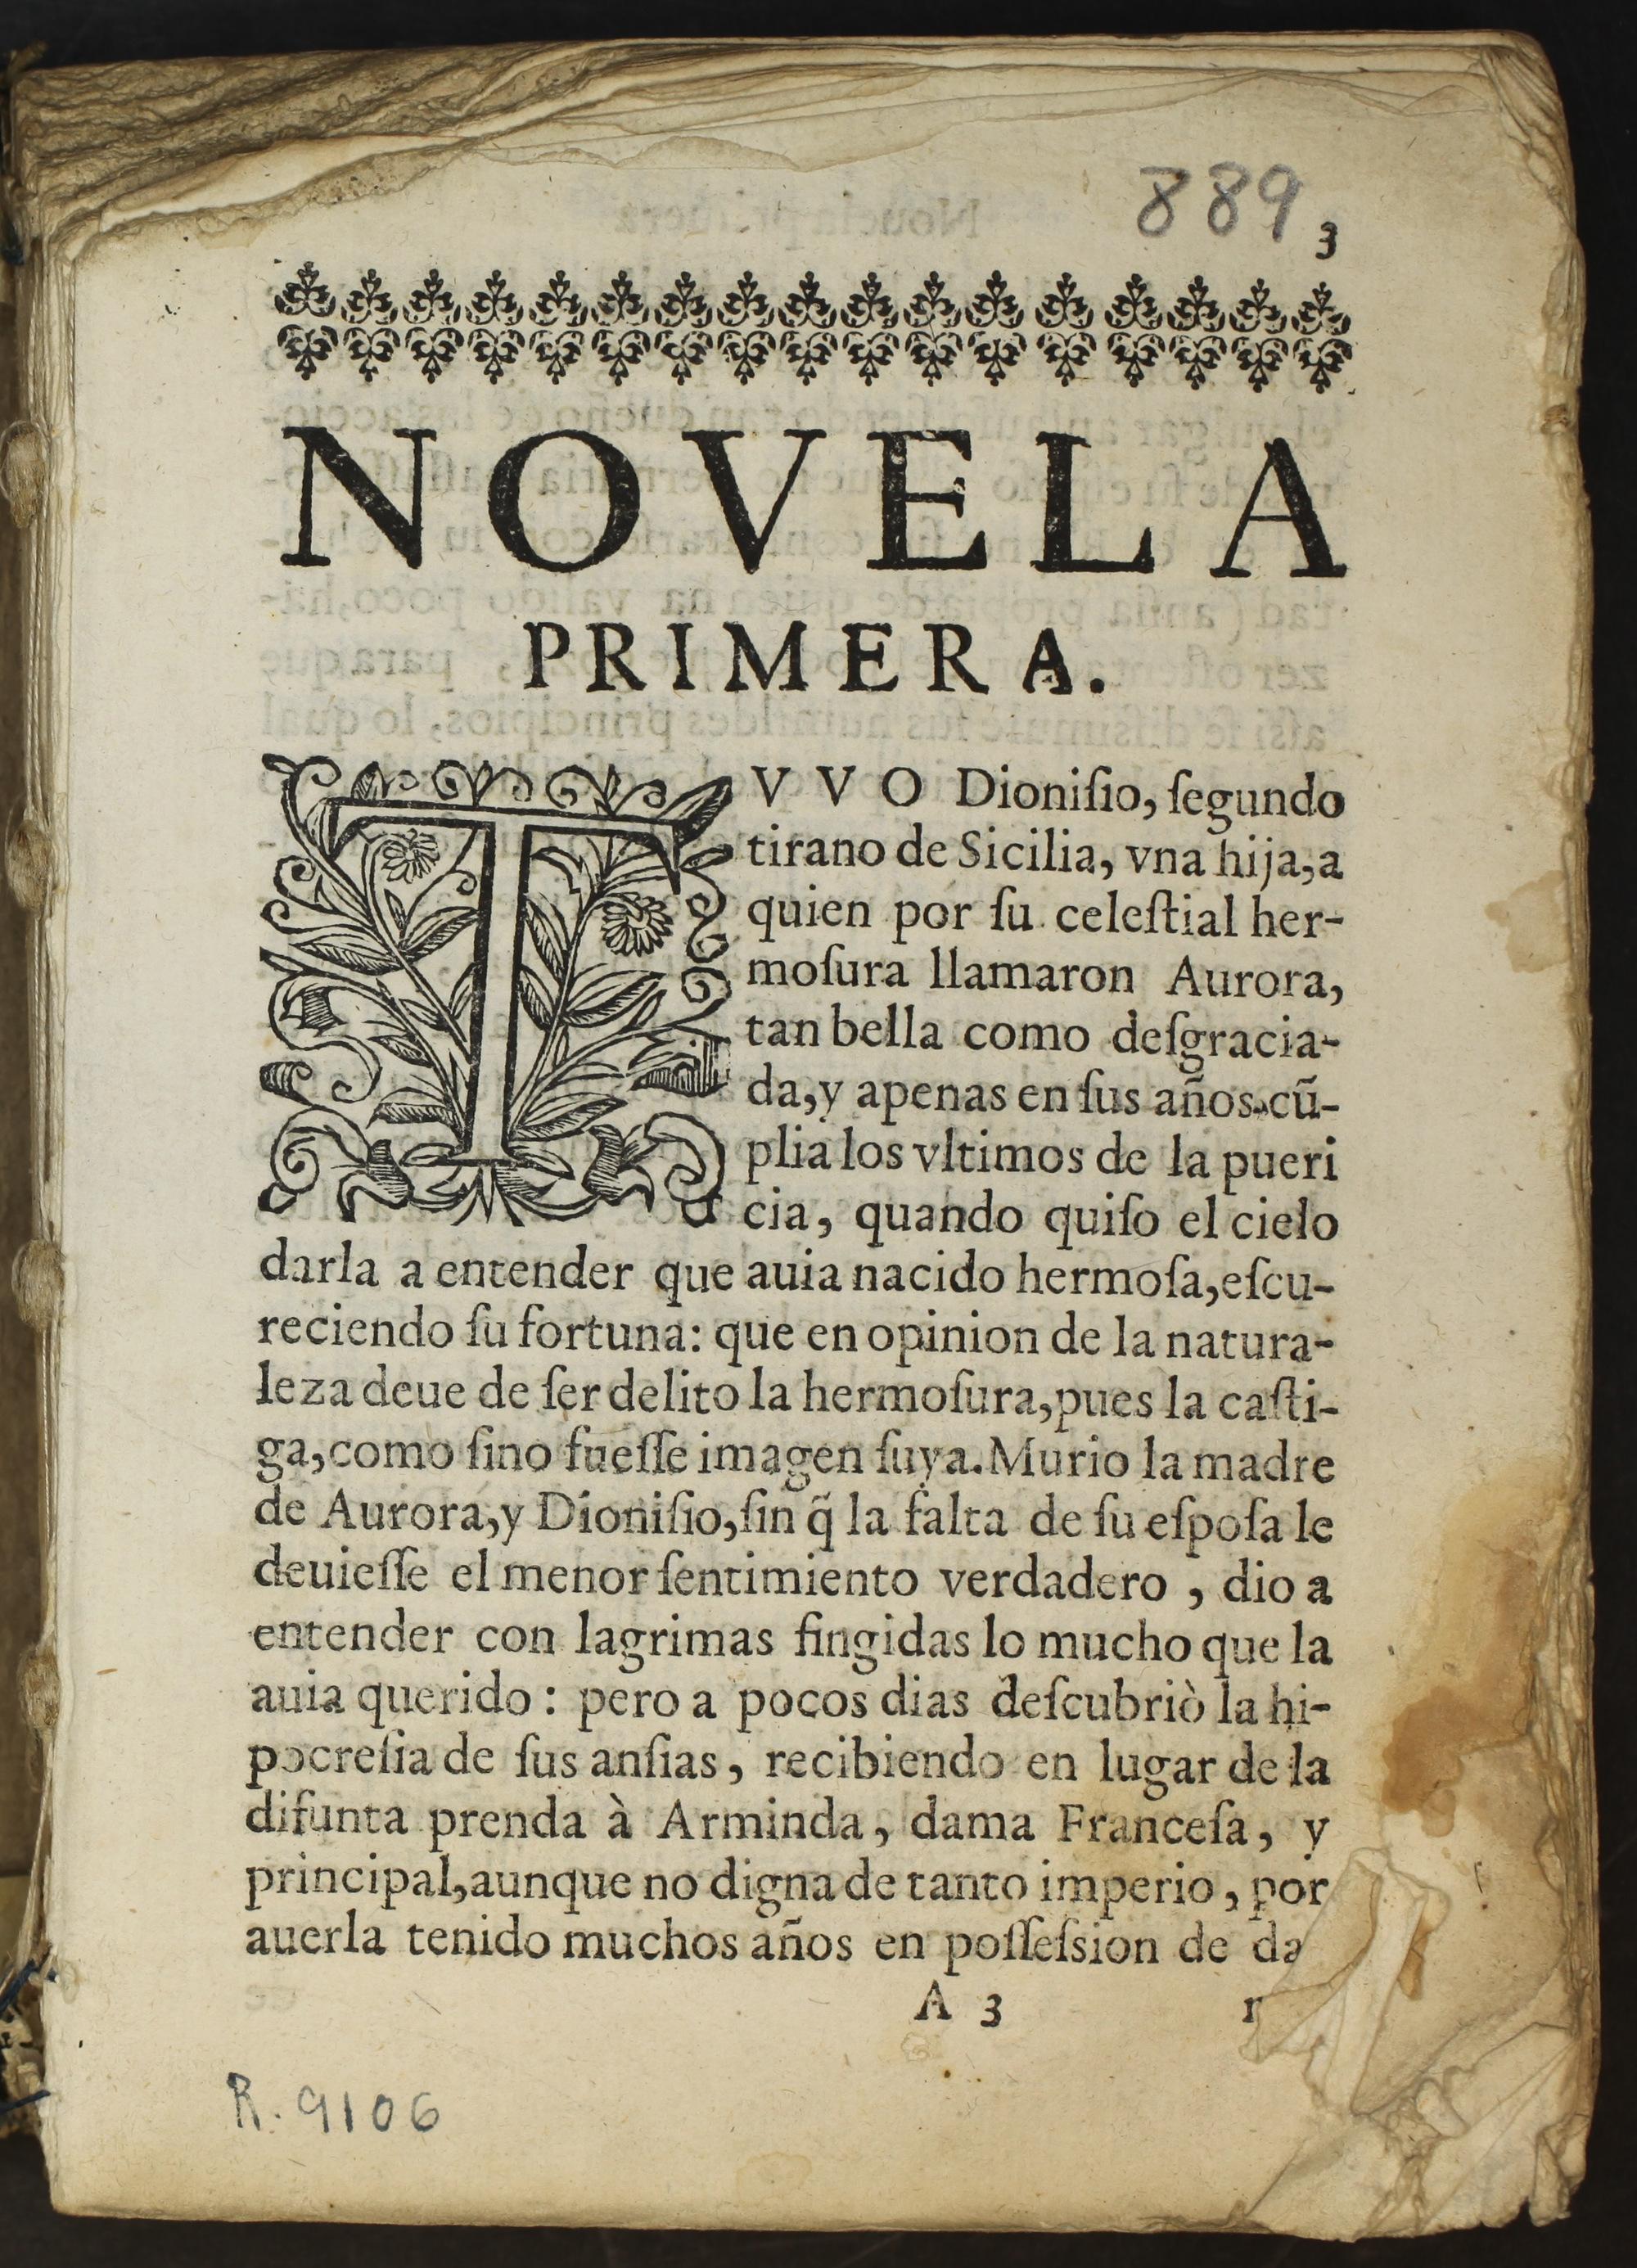 Svcesso y Prodigios de Amor : en ocho novelas exemplares, 1624